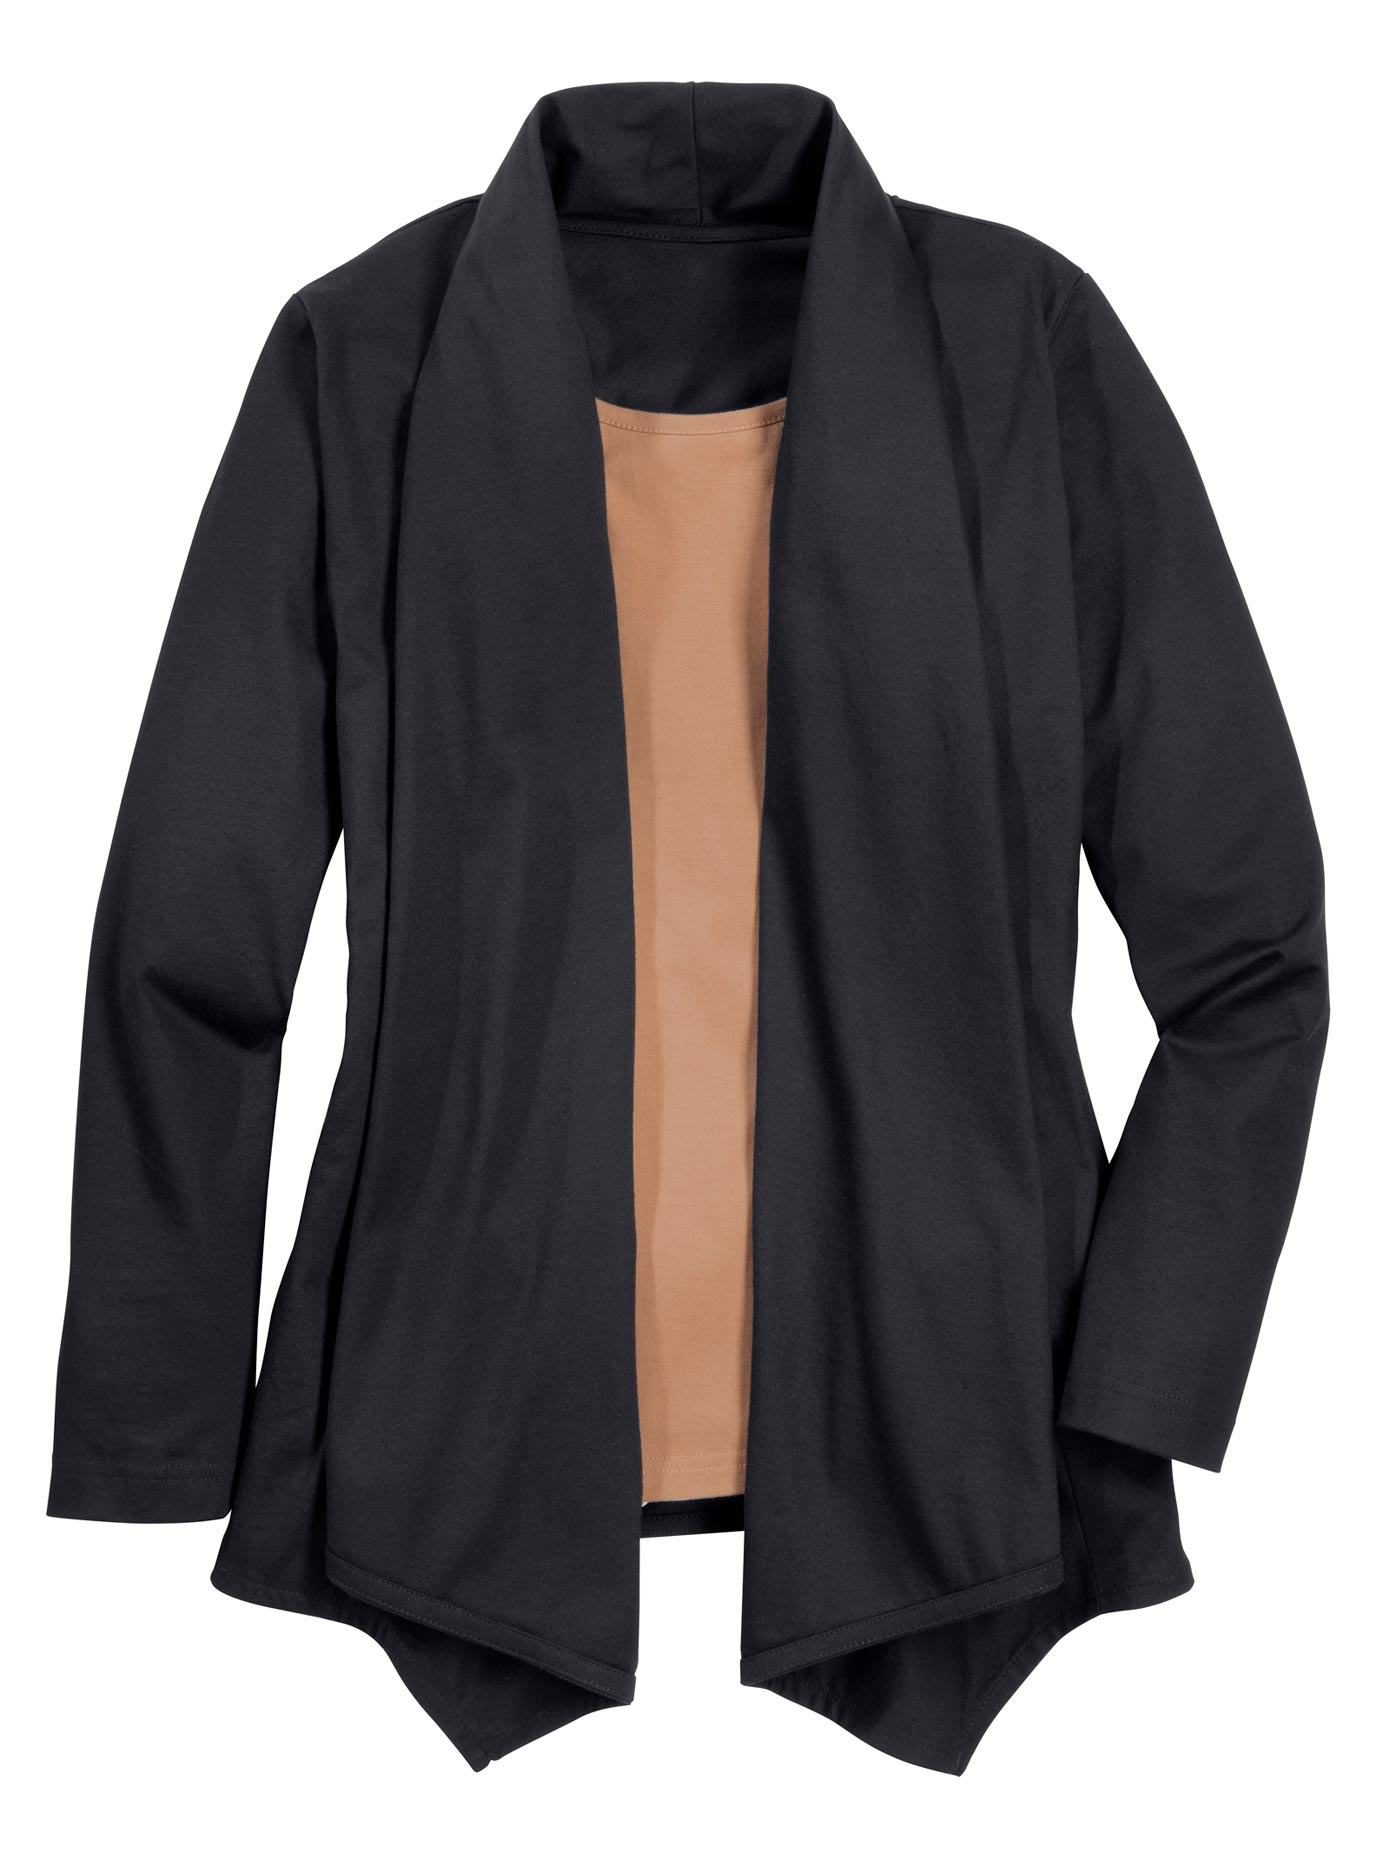 Classic Basics 2-in-1-Shirt mit Schalkragen   Bekleidung > Shirts > 2-in-1 Shirts   Classic Basics